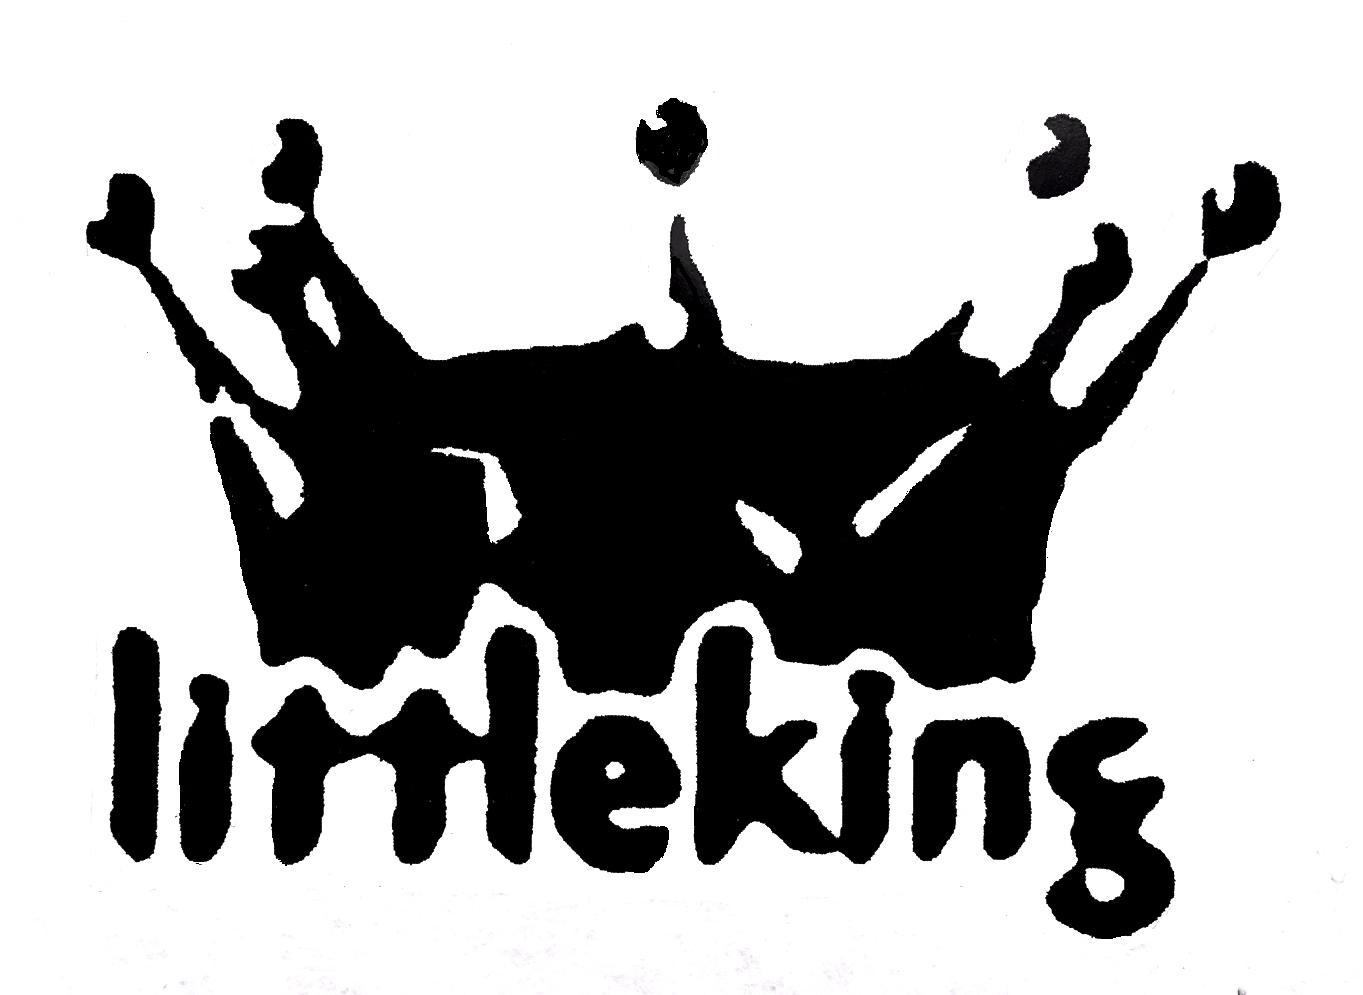 Little King Tunes